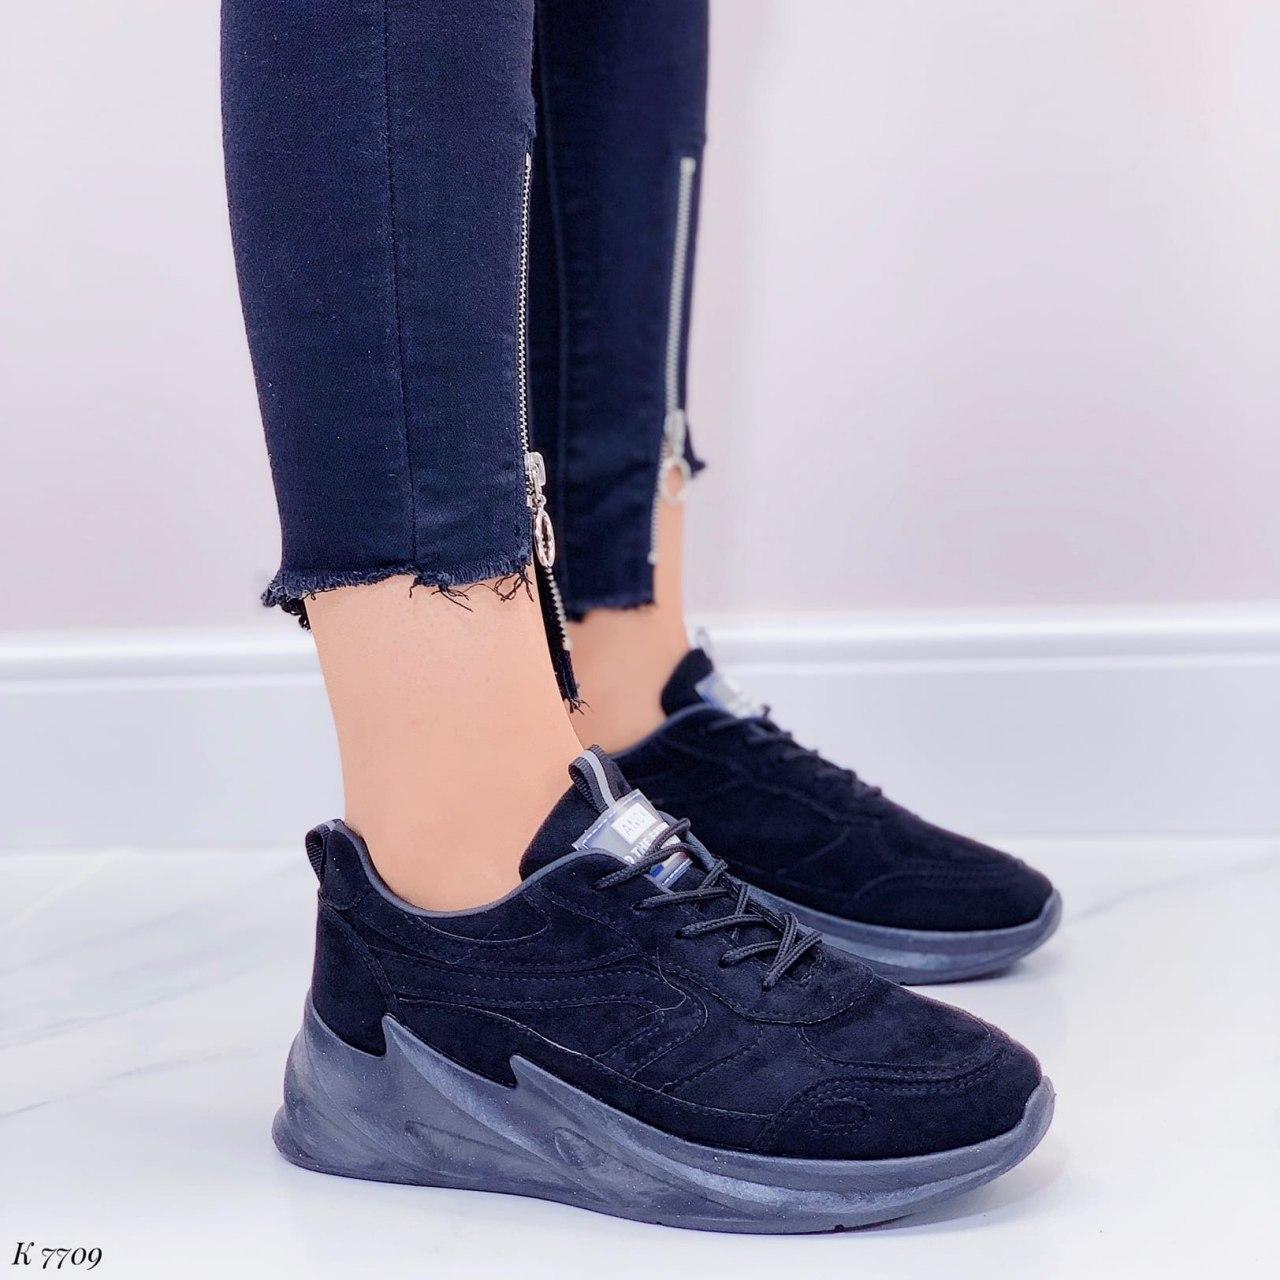 Кроссовки женские черные на платформе из эко замши. Кросівки жіночі чорні на платформі